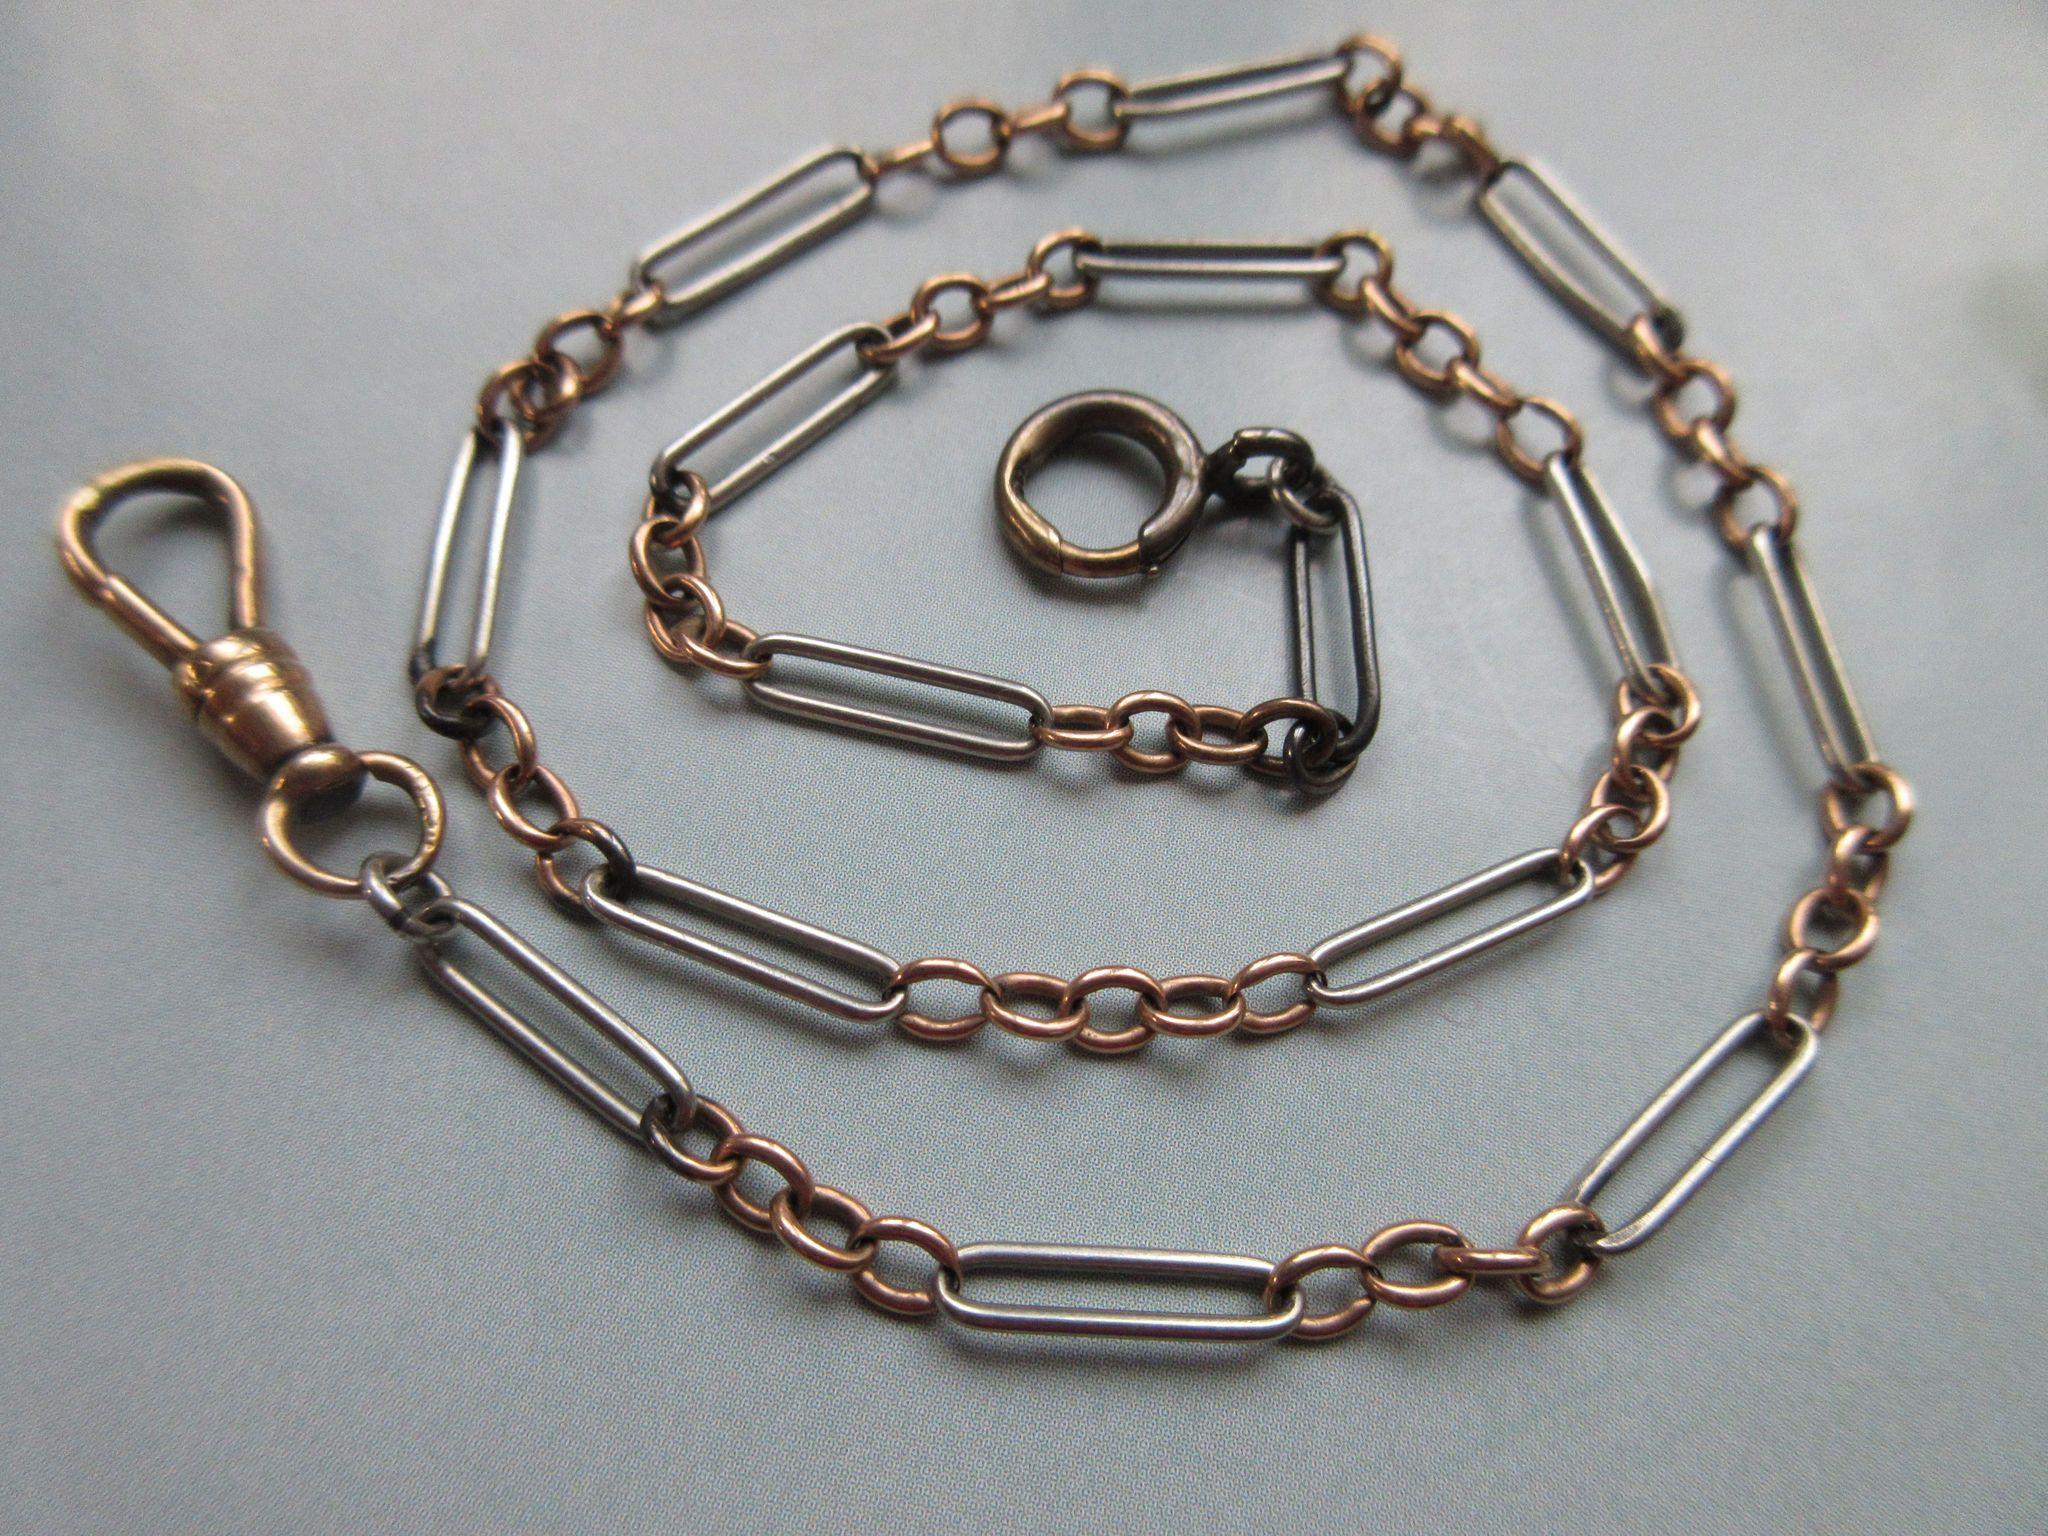 Antique Platinum 14K Rose Gold Watch Chain